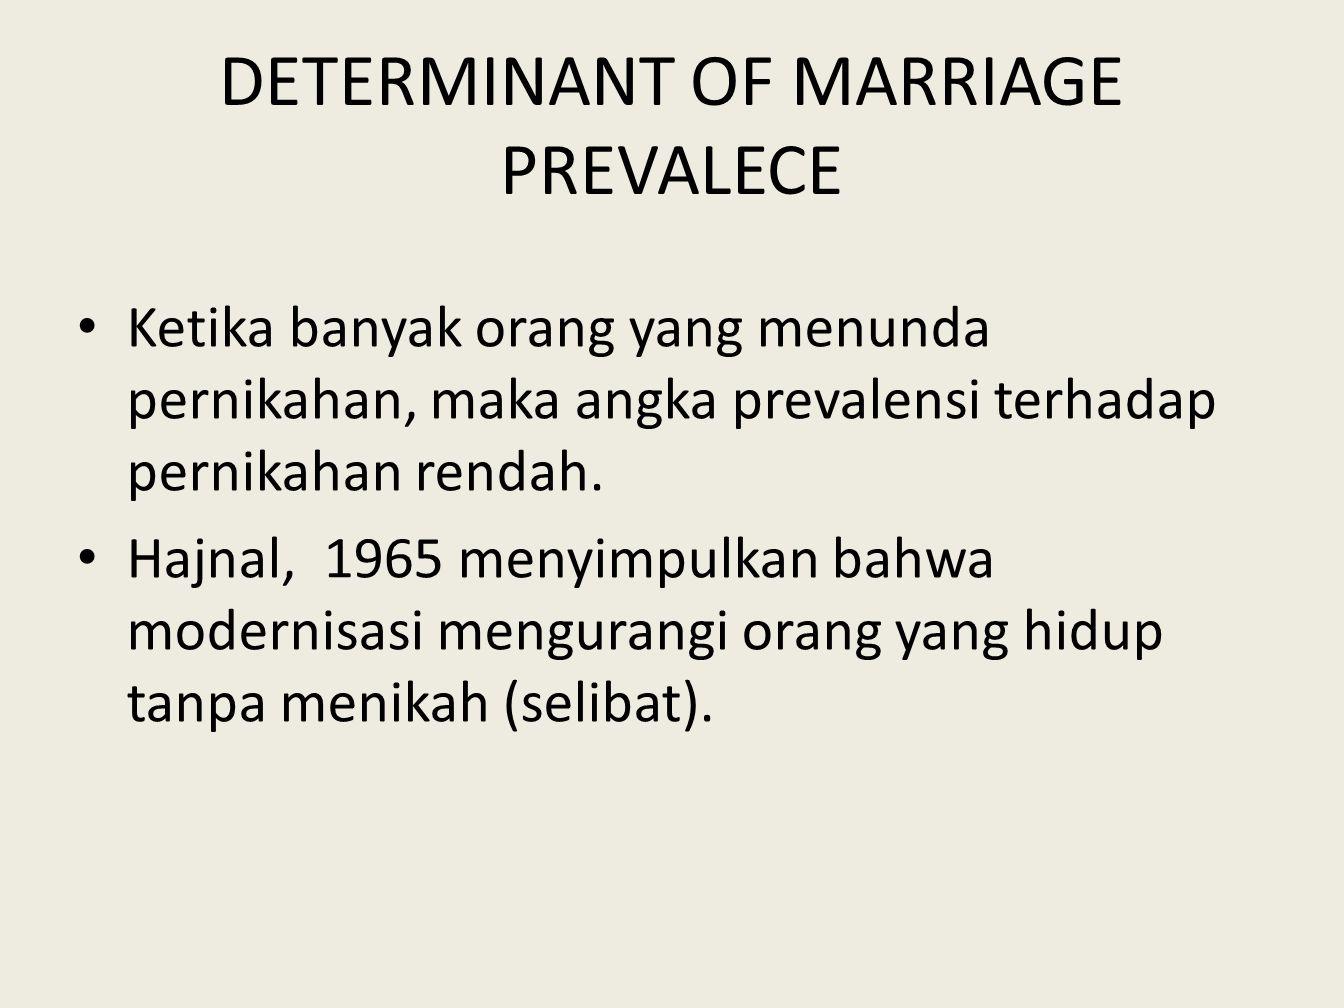 DETERMINANT OF MARRIAGE PREVALECE • Ketika banyak orang yang menunda pernikahan, maka angka prevalensi terhadap pernikahan rendah. • Hajnal, 1965 meny